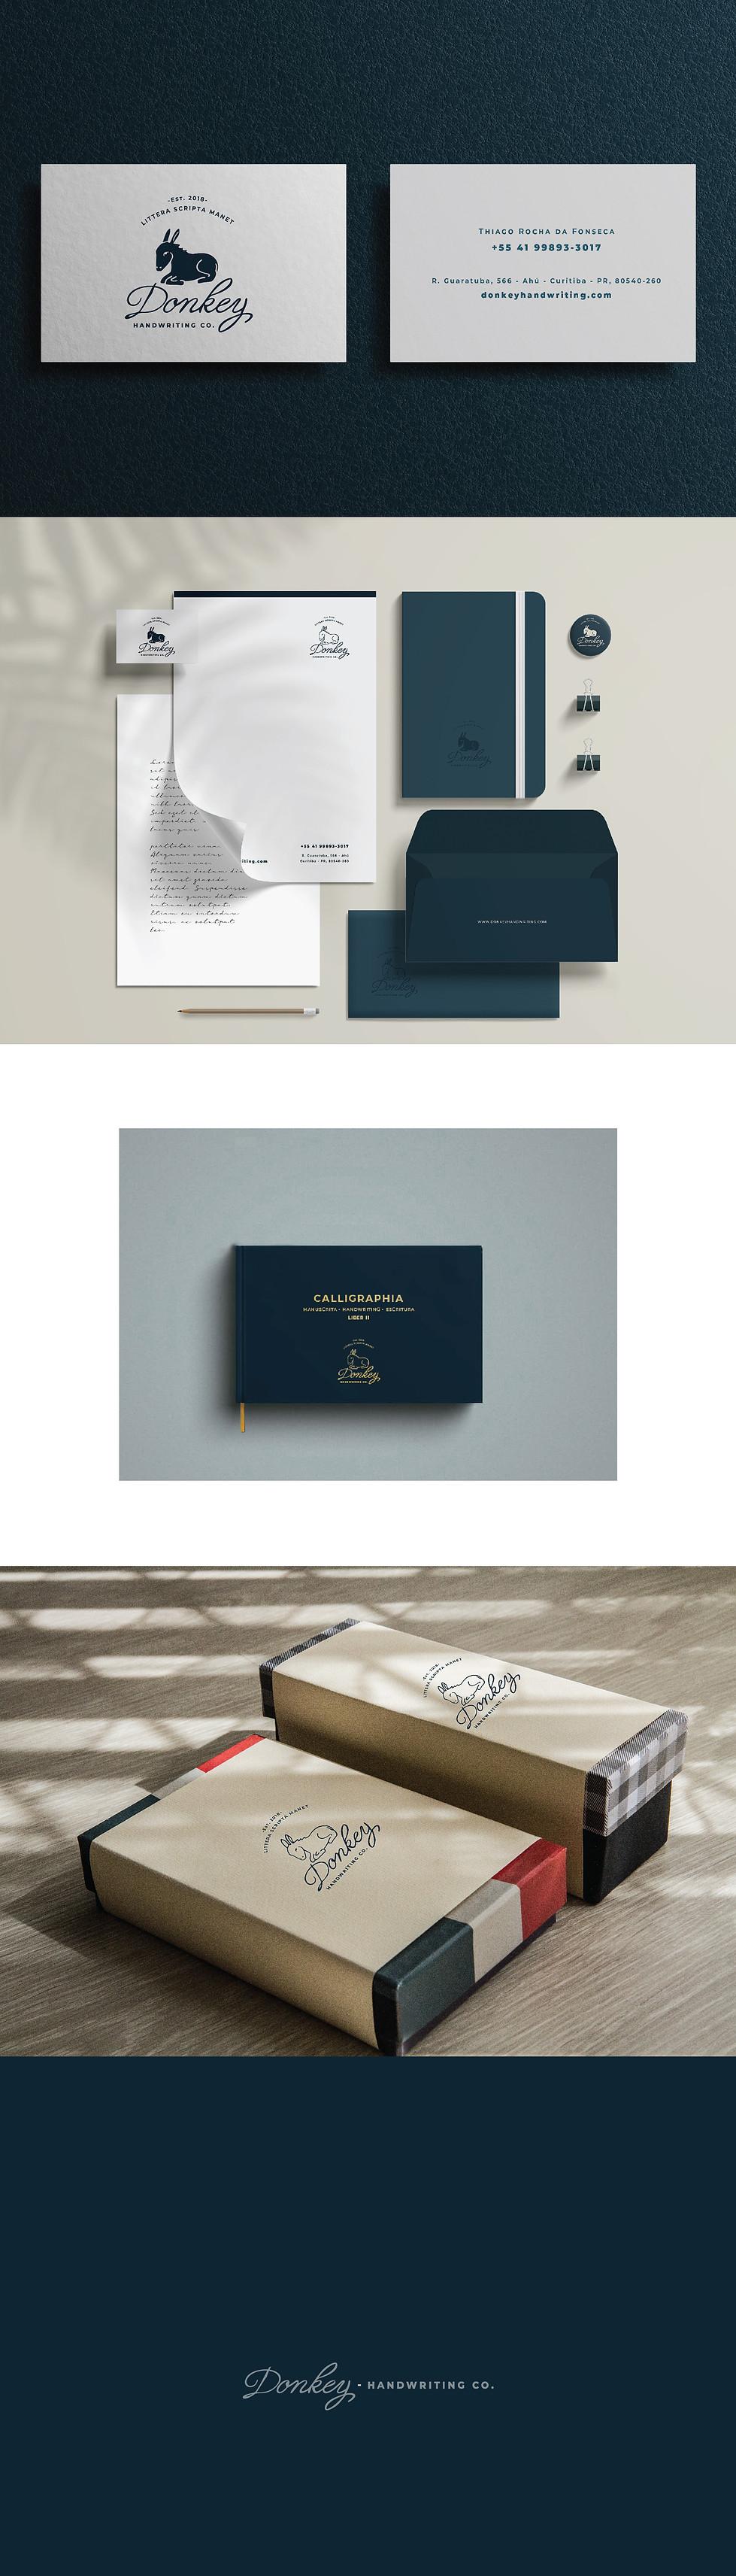 portfolio-donkey-02.jpg